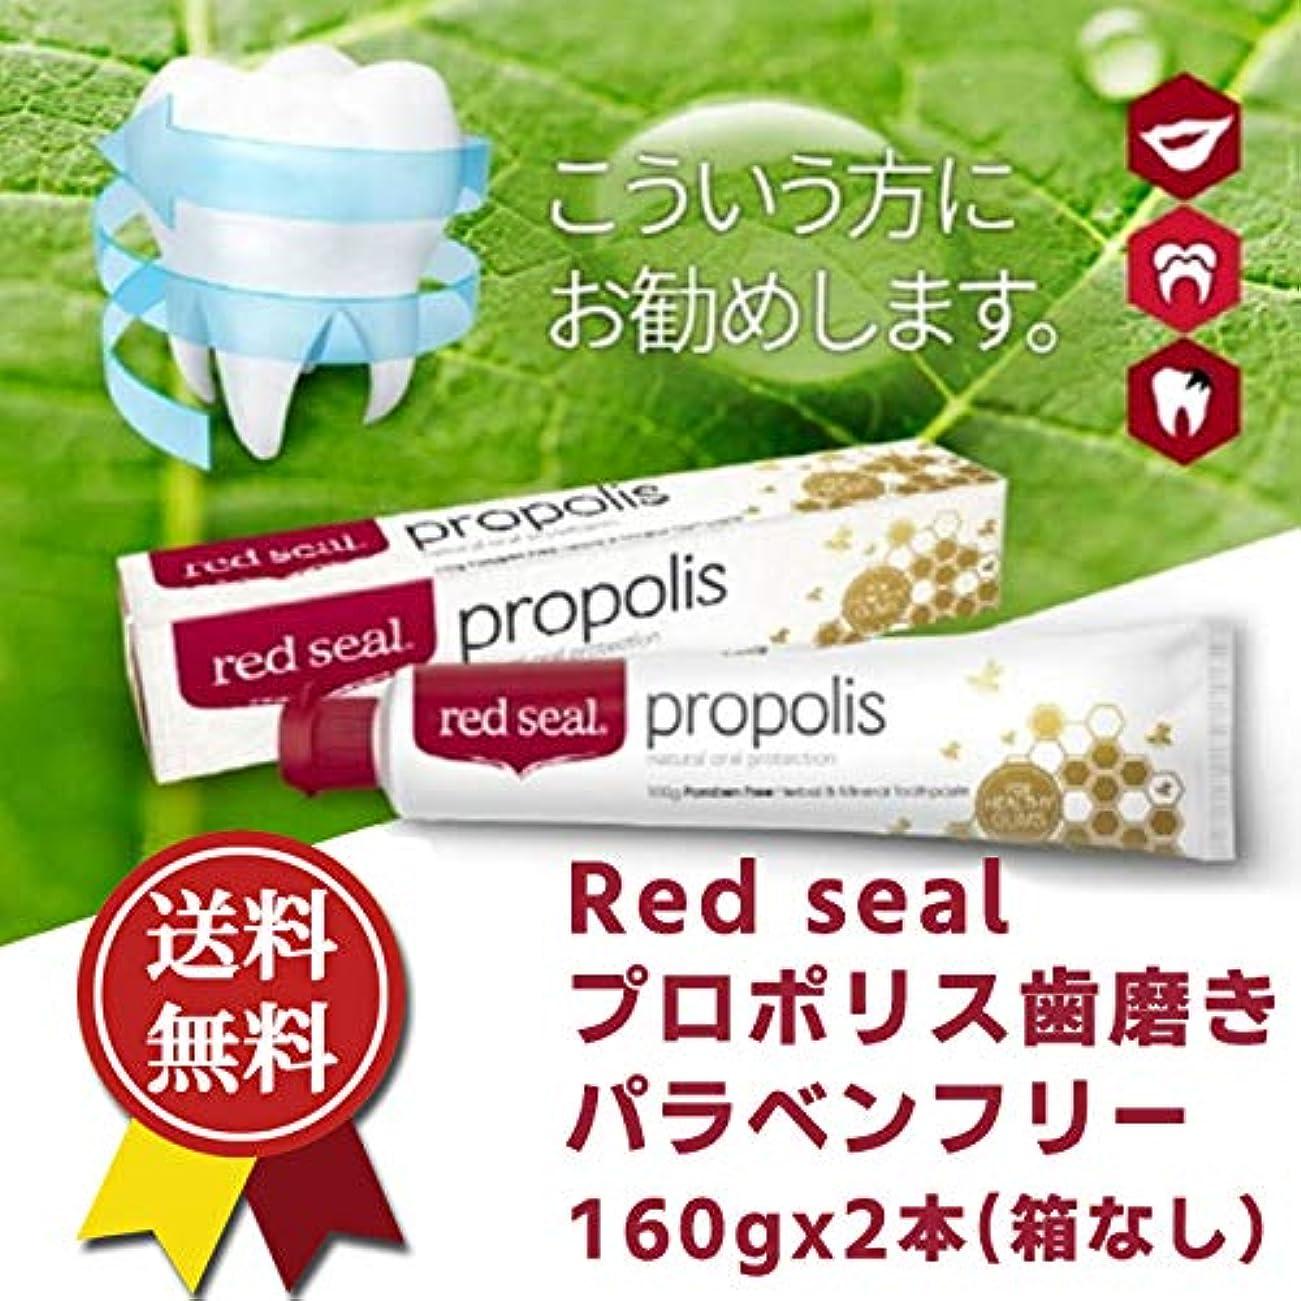 量でメジャー敬意を表して★送料無料★red seal レッドシール プロポリス 歯磨き粉 160gx2本 RED SEAL Propolis Toothpaste